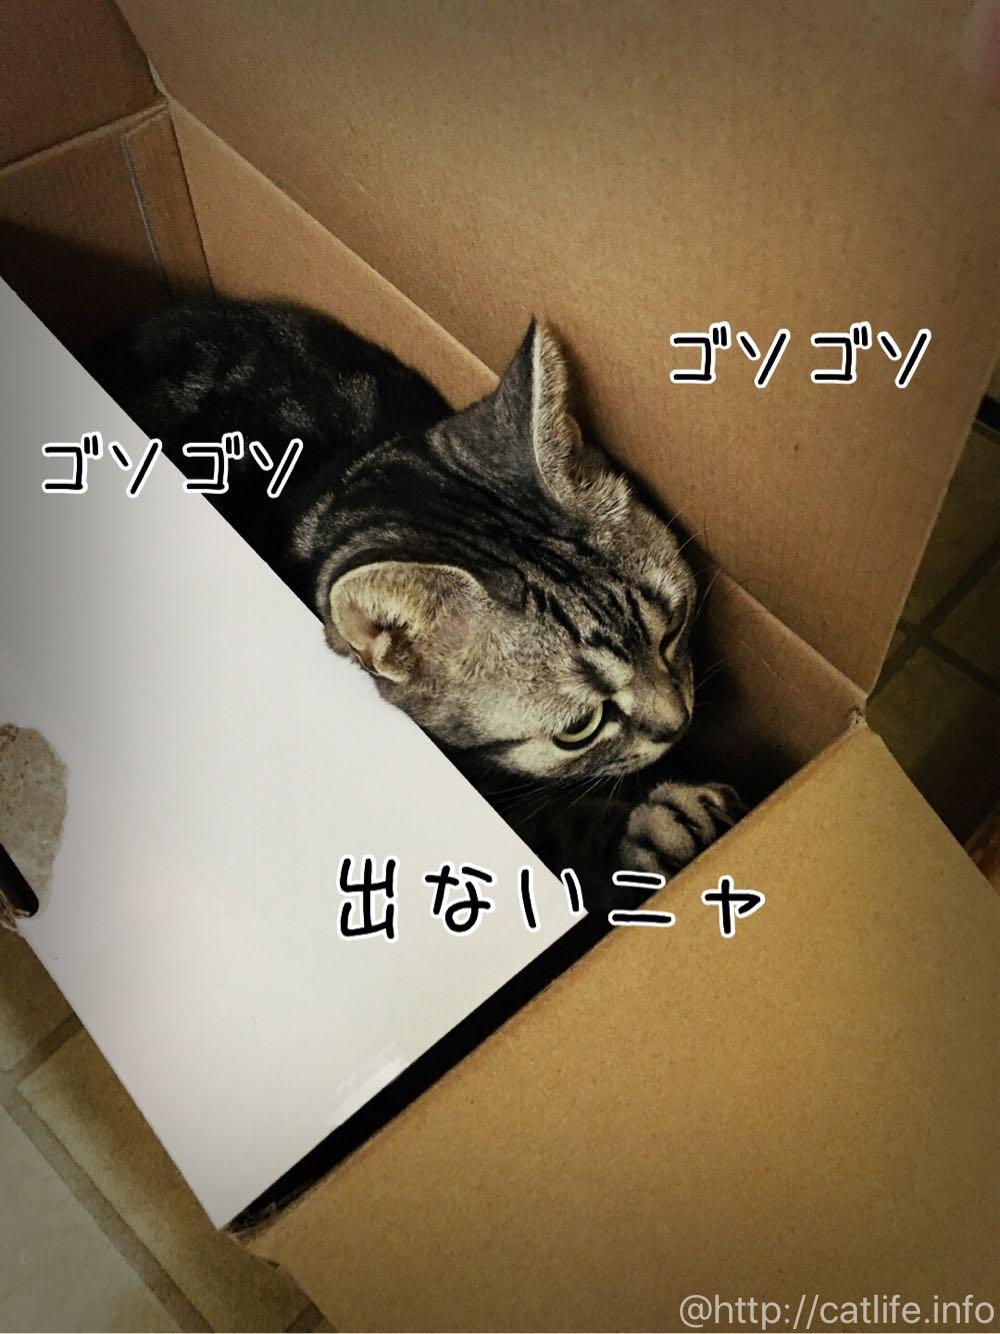 箱でゴソゴソするアメショーさくらたん。